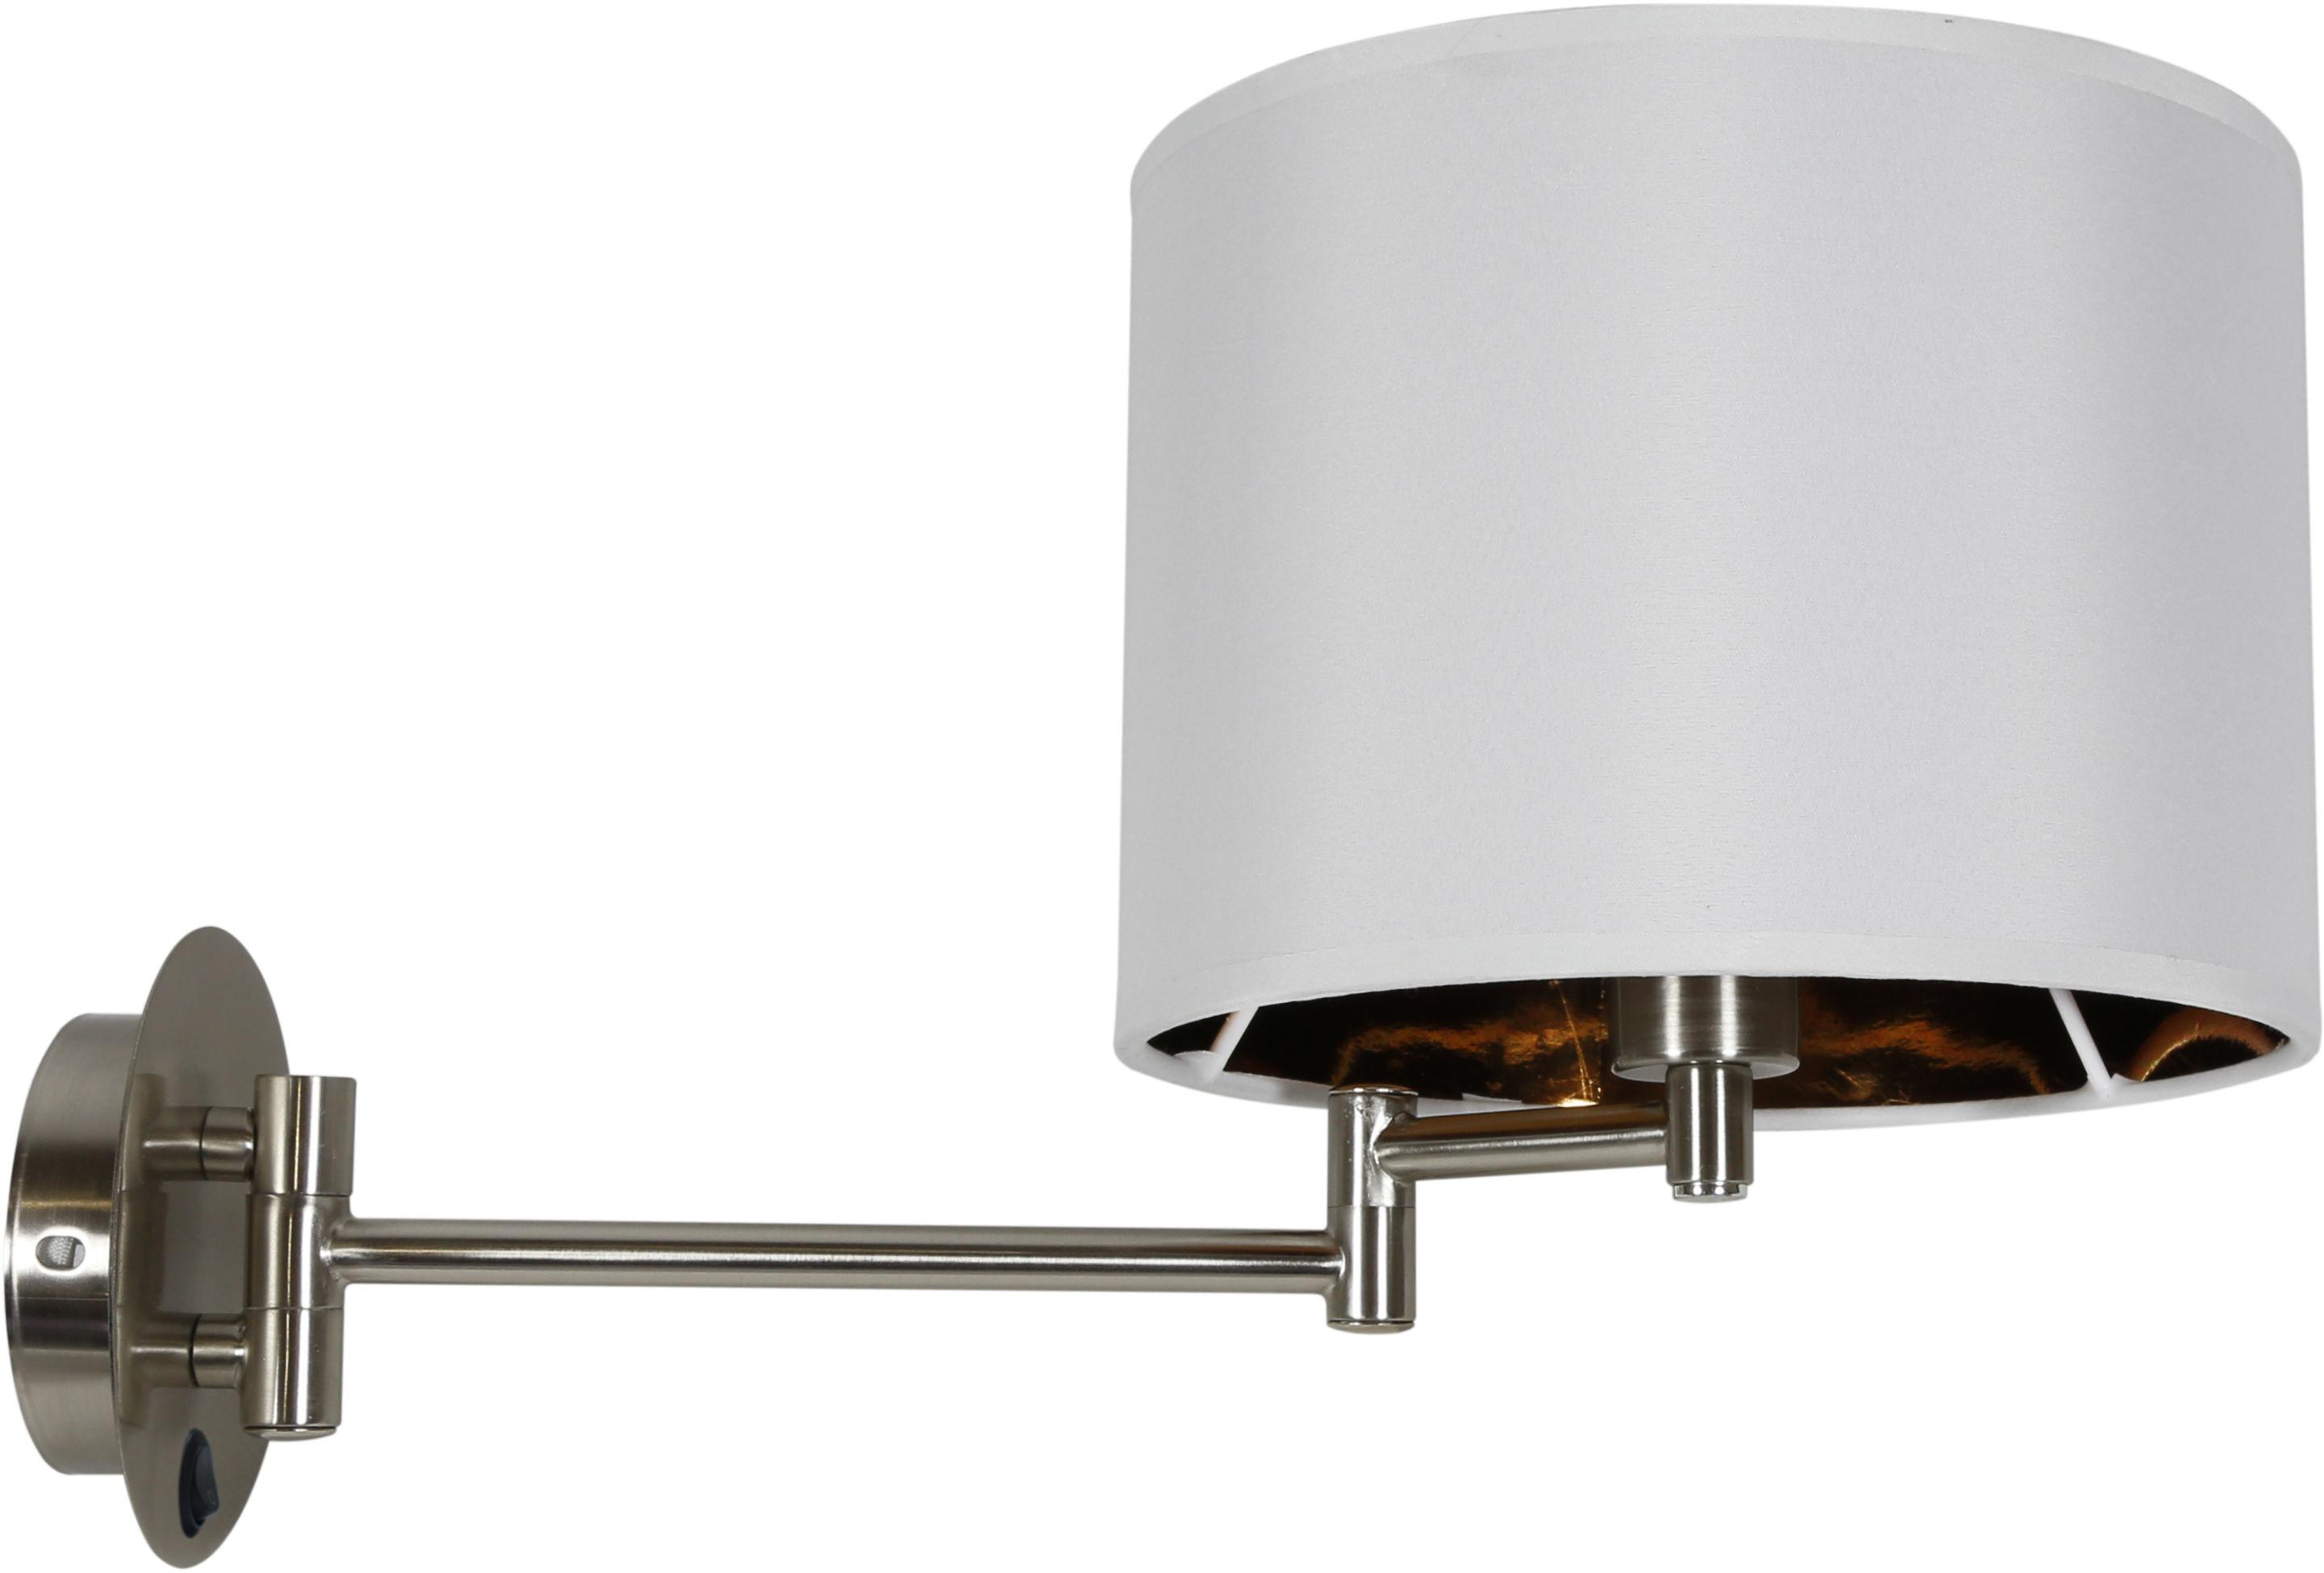 Candellux ALEXIA 21-57532 kinkiet lampa ścienna chrom abażur biały regulowane ramiona 1X40W E14 27-41cm